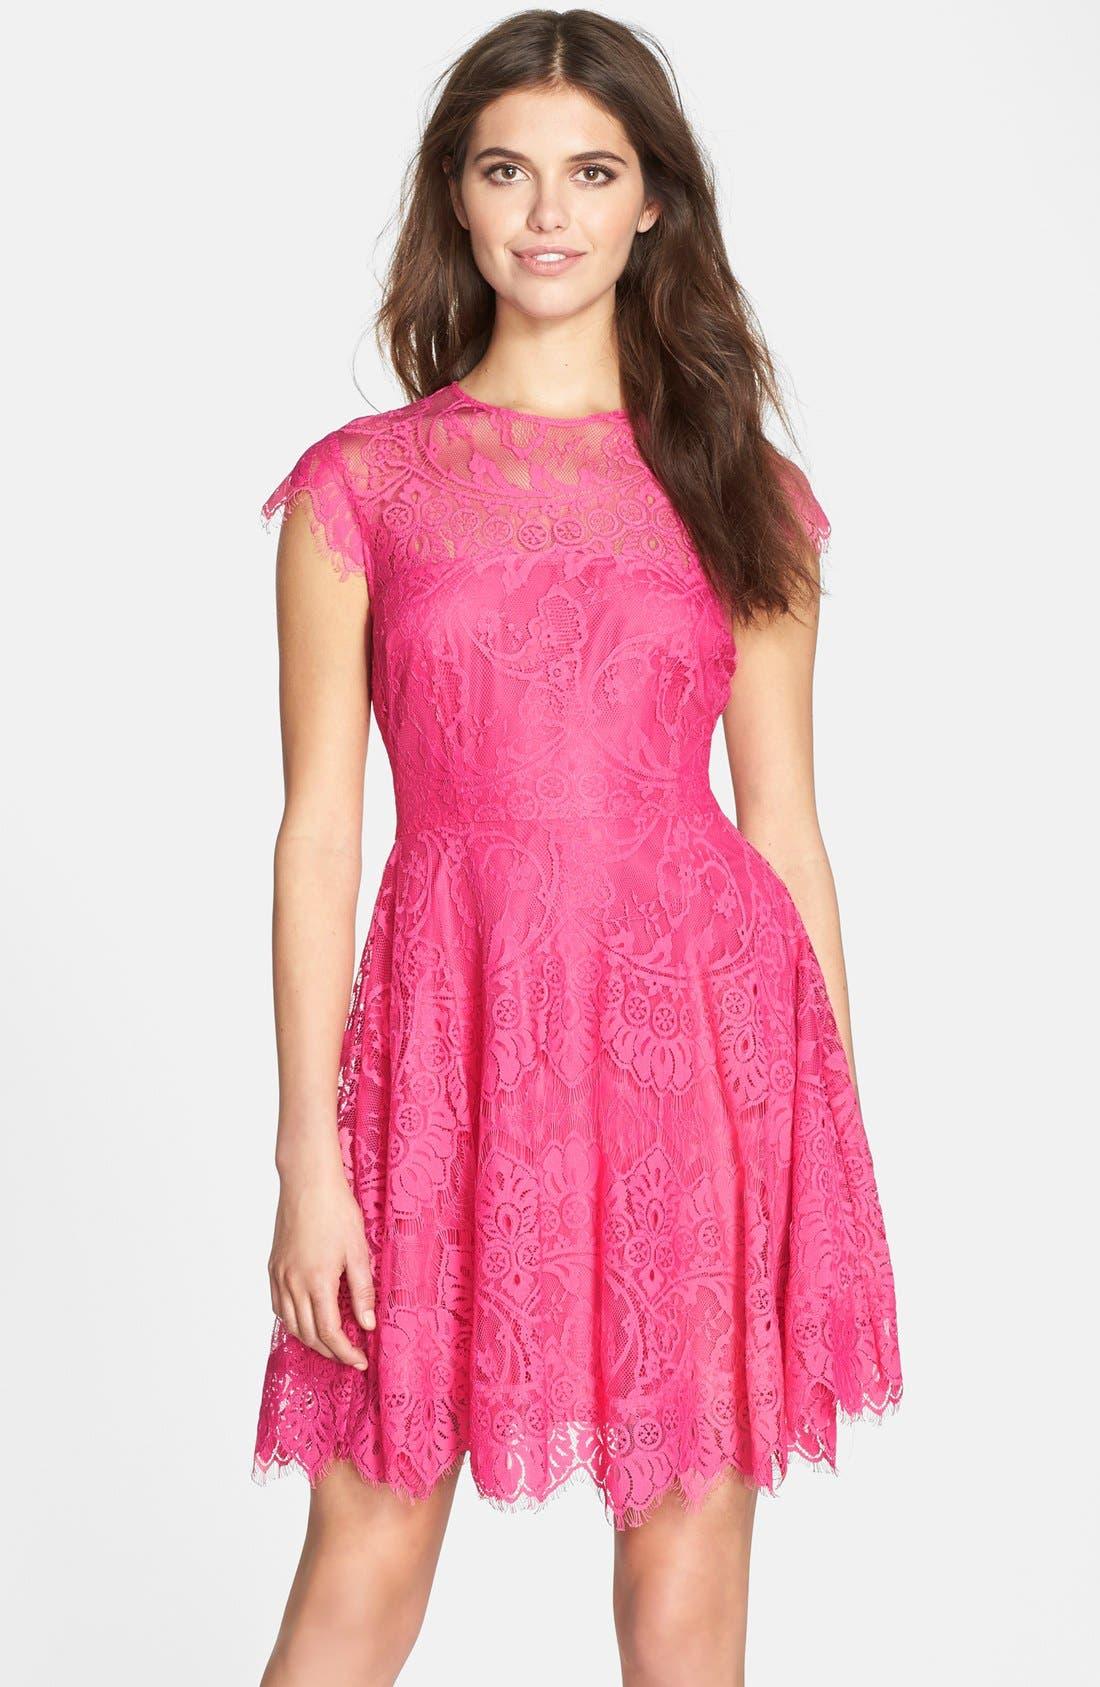 'Rhianna' Illusion Yoke Lace Fit & Flare Dress,                             Main thumbnail 1, color,                             Fuchsia/ Rose